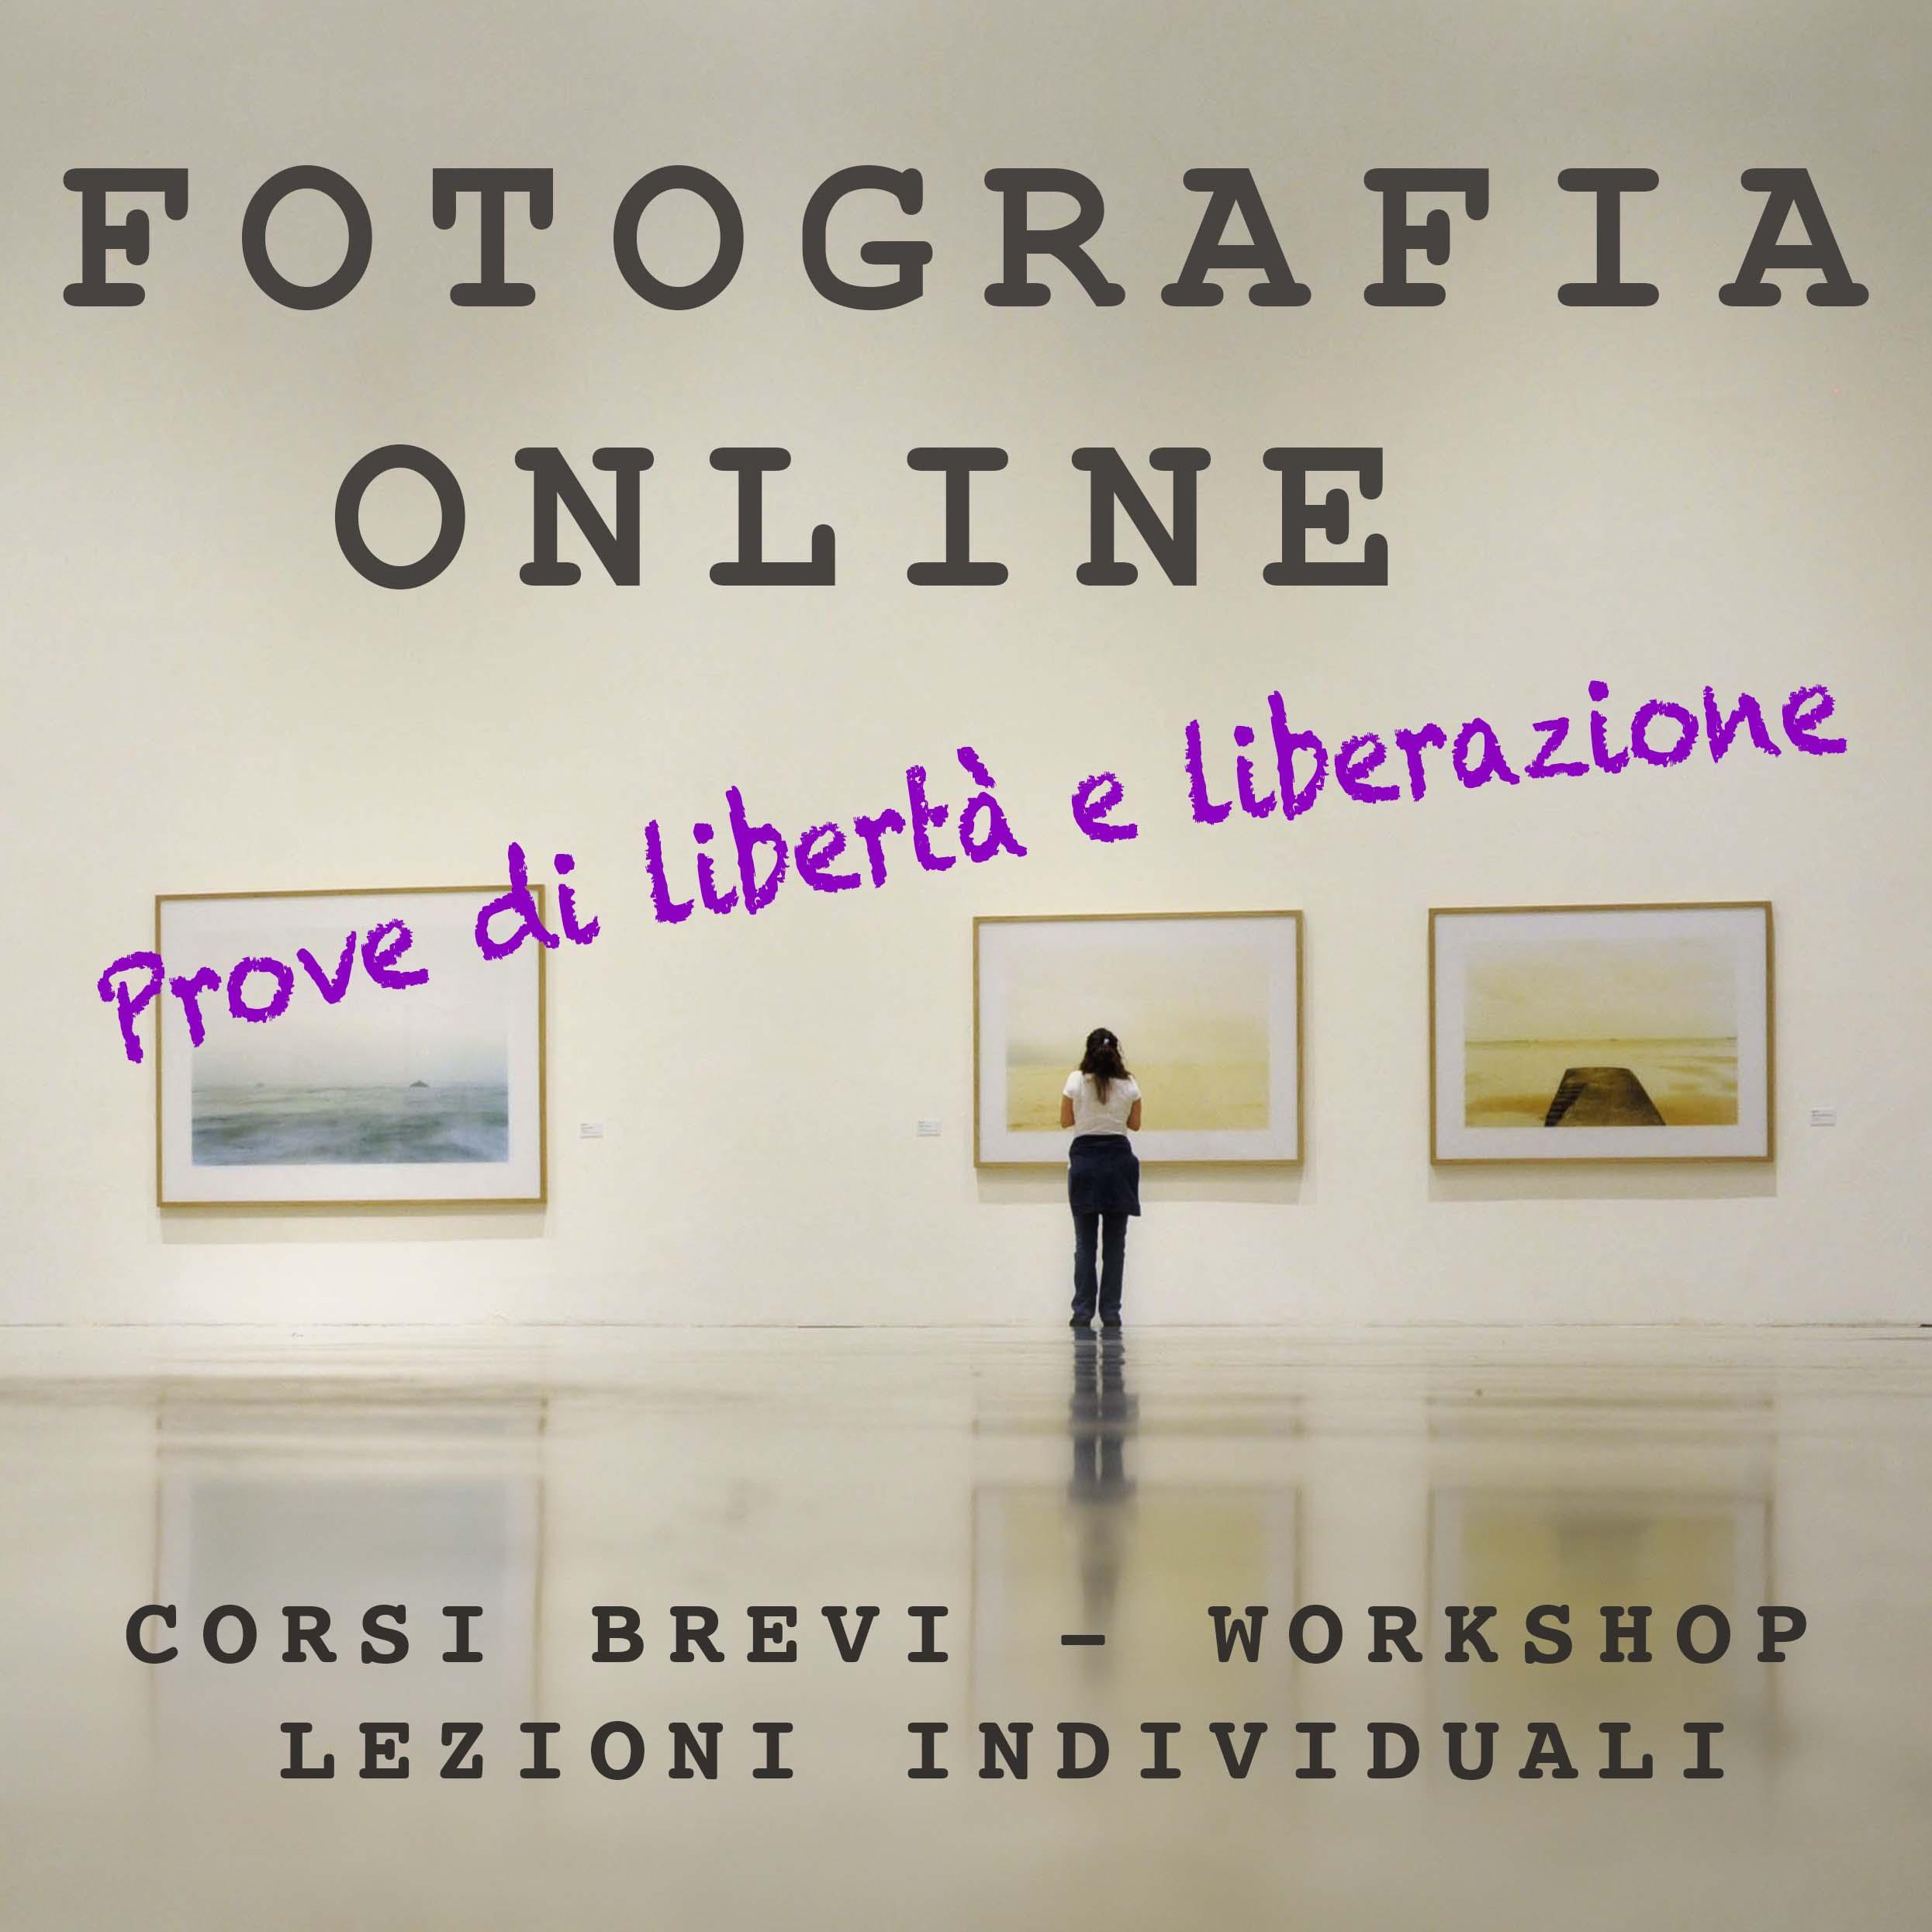 WORKSHOP BREVI DI FOTOGRAFIA ONLINE